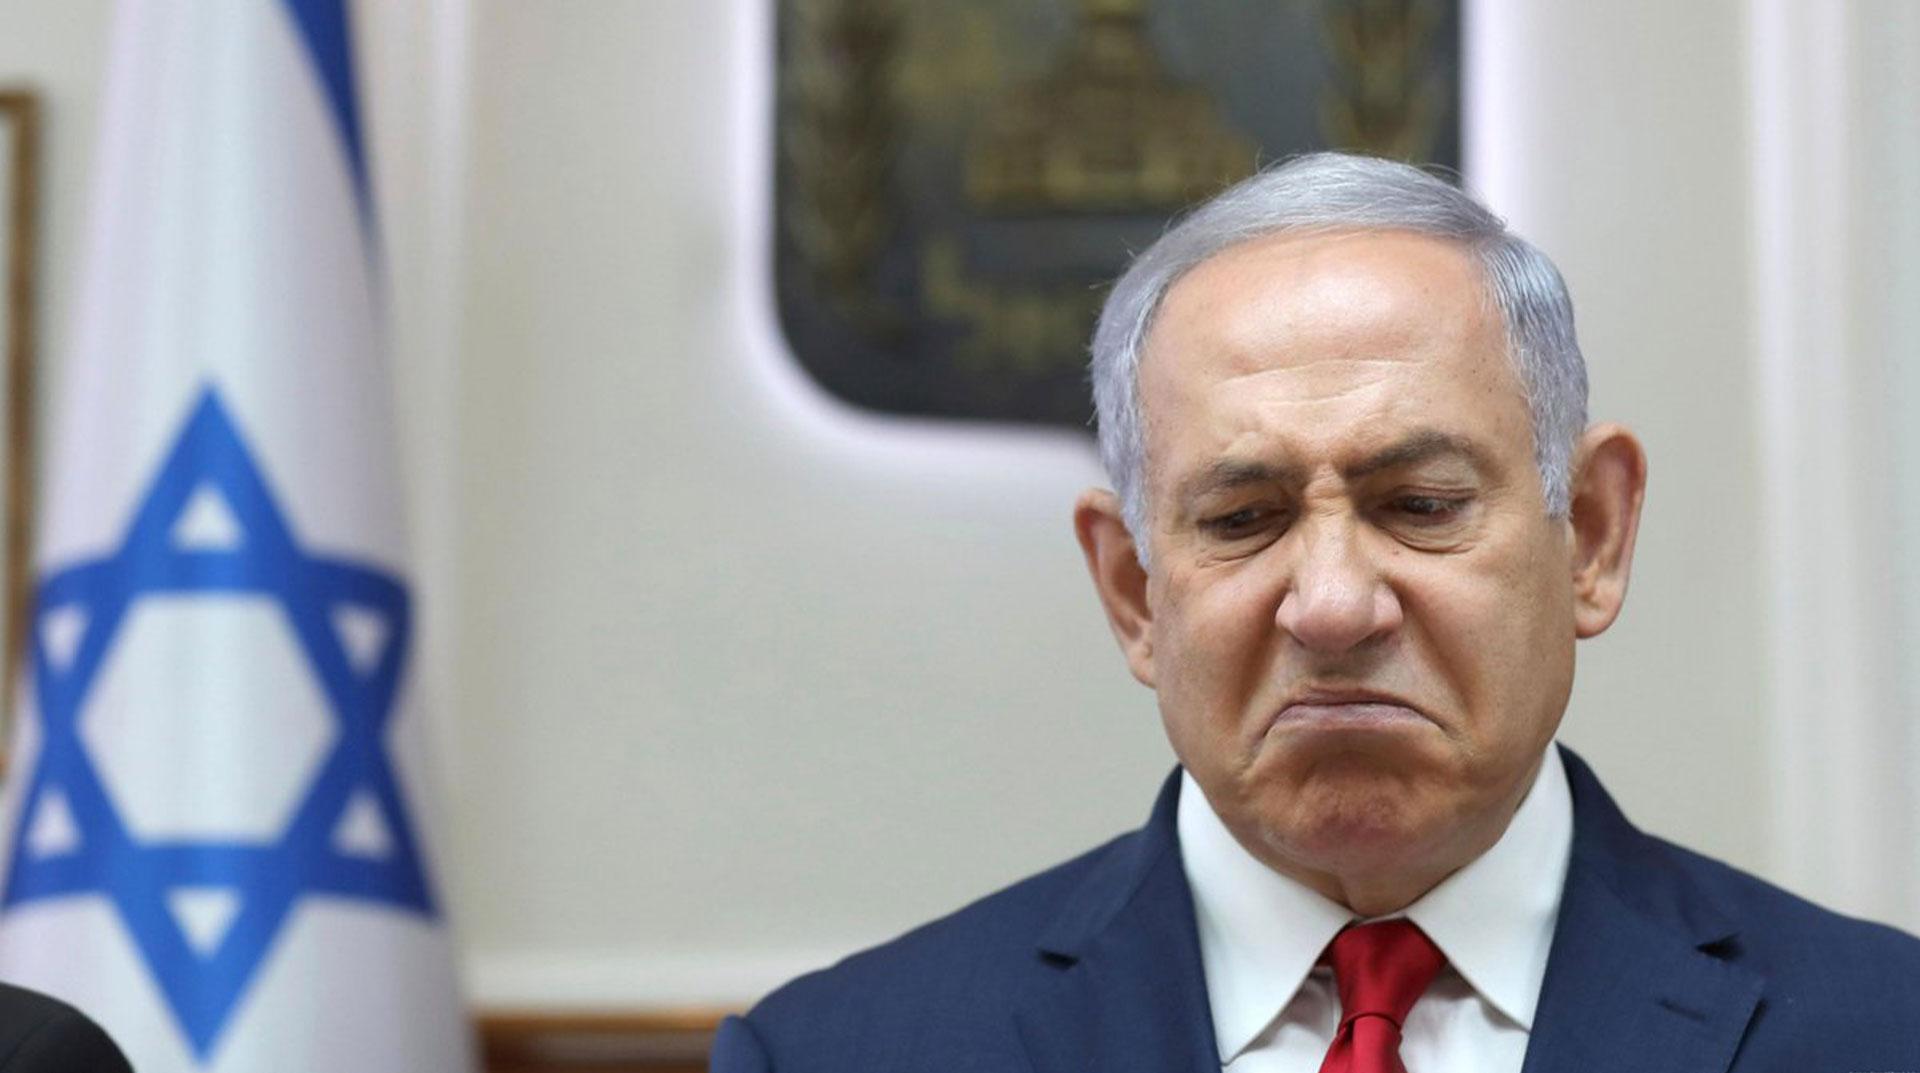 Yine Netanyahu Yine Küstah Sözler!